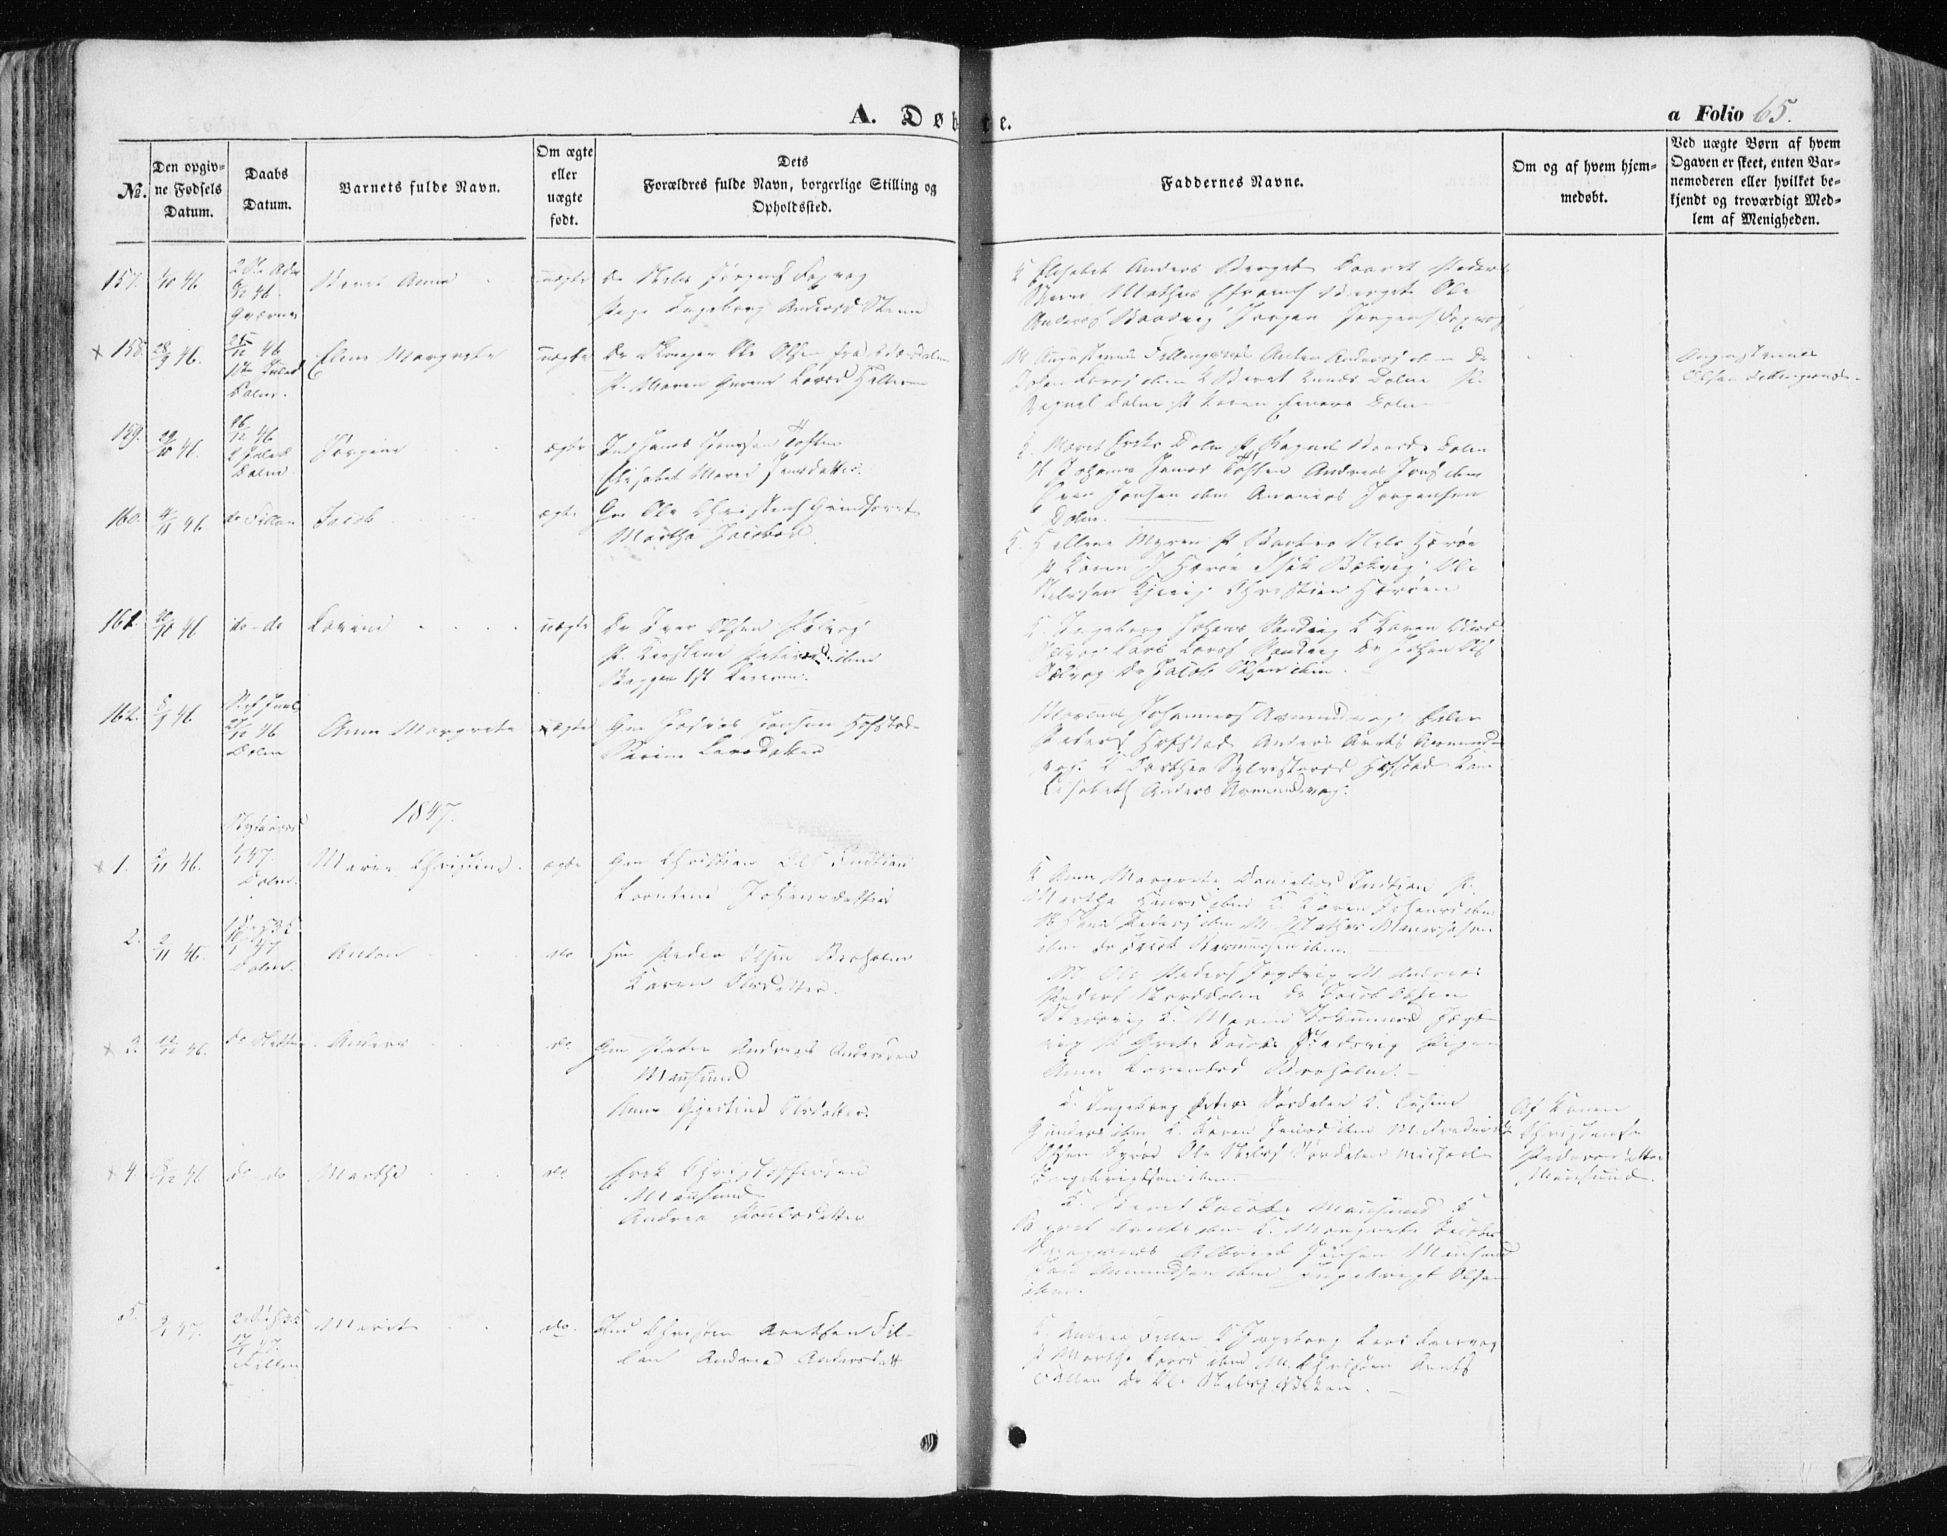 SAT, Ministerialprotokoller, klokkerbøker og fødselsregistre - Sør-Trøndelag, 634/L0529: Ministerialbok nr. 634A05, 1843-1851, s. 65